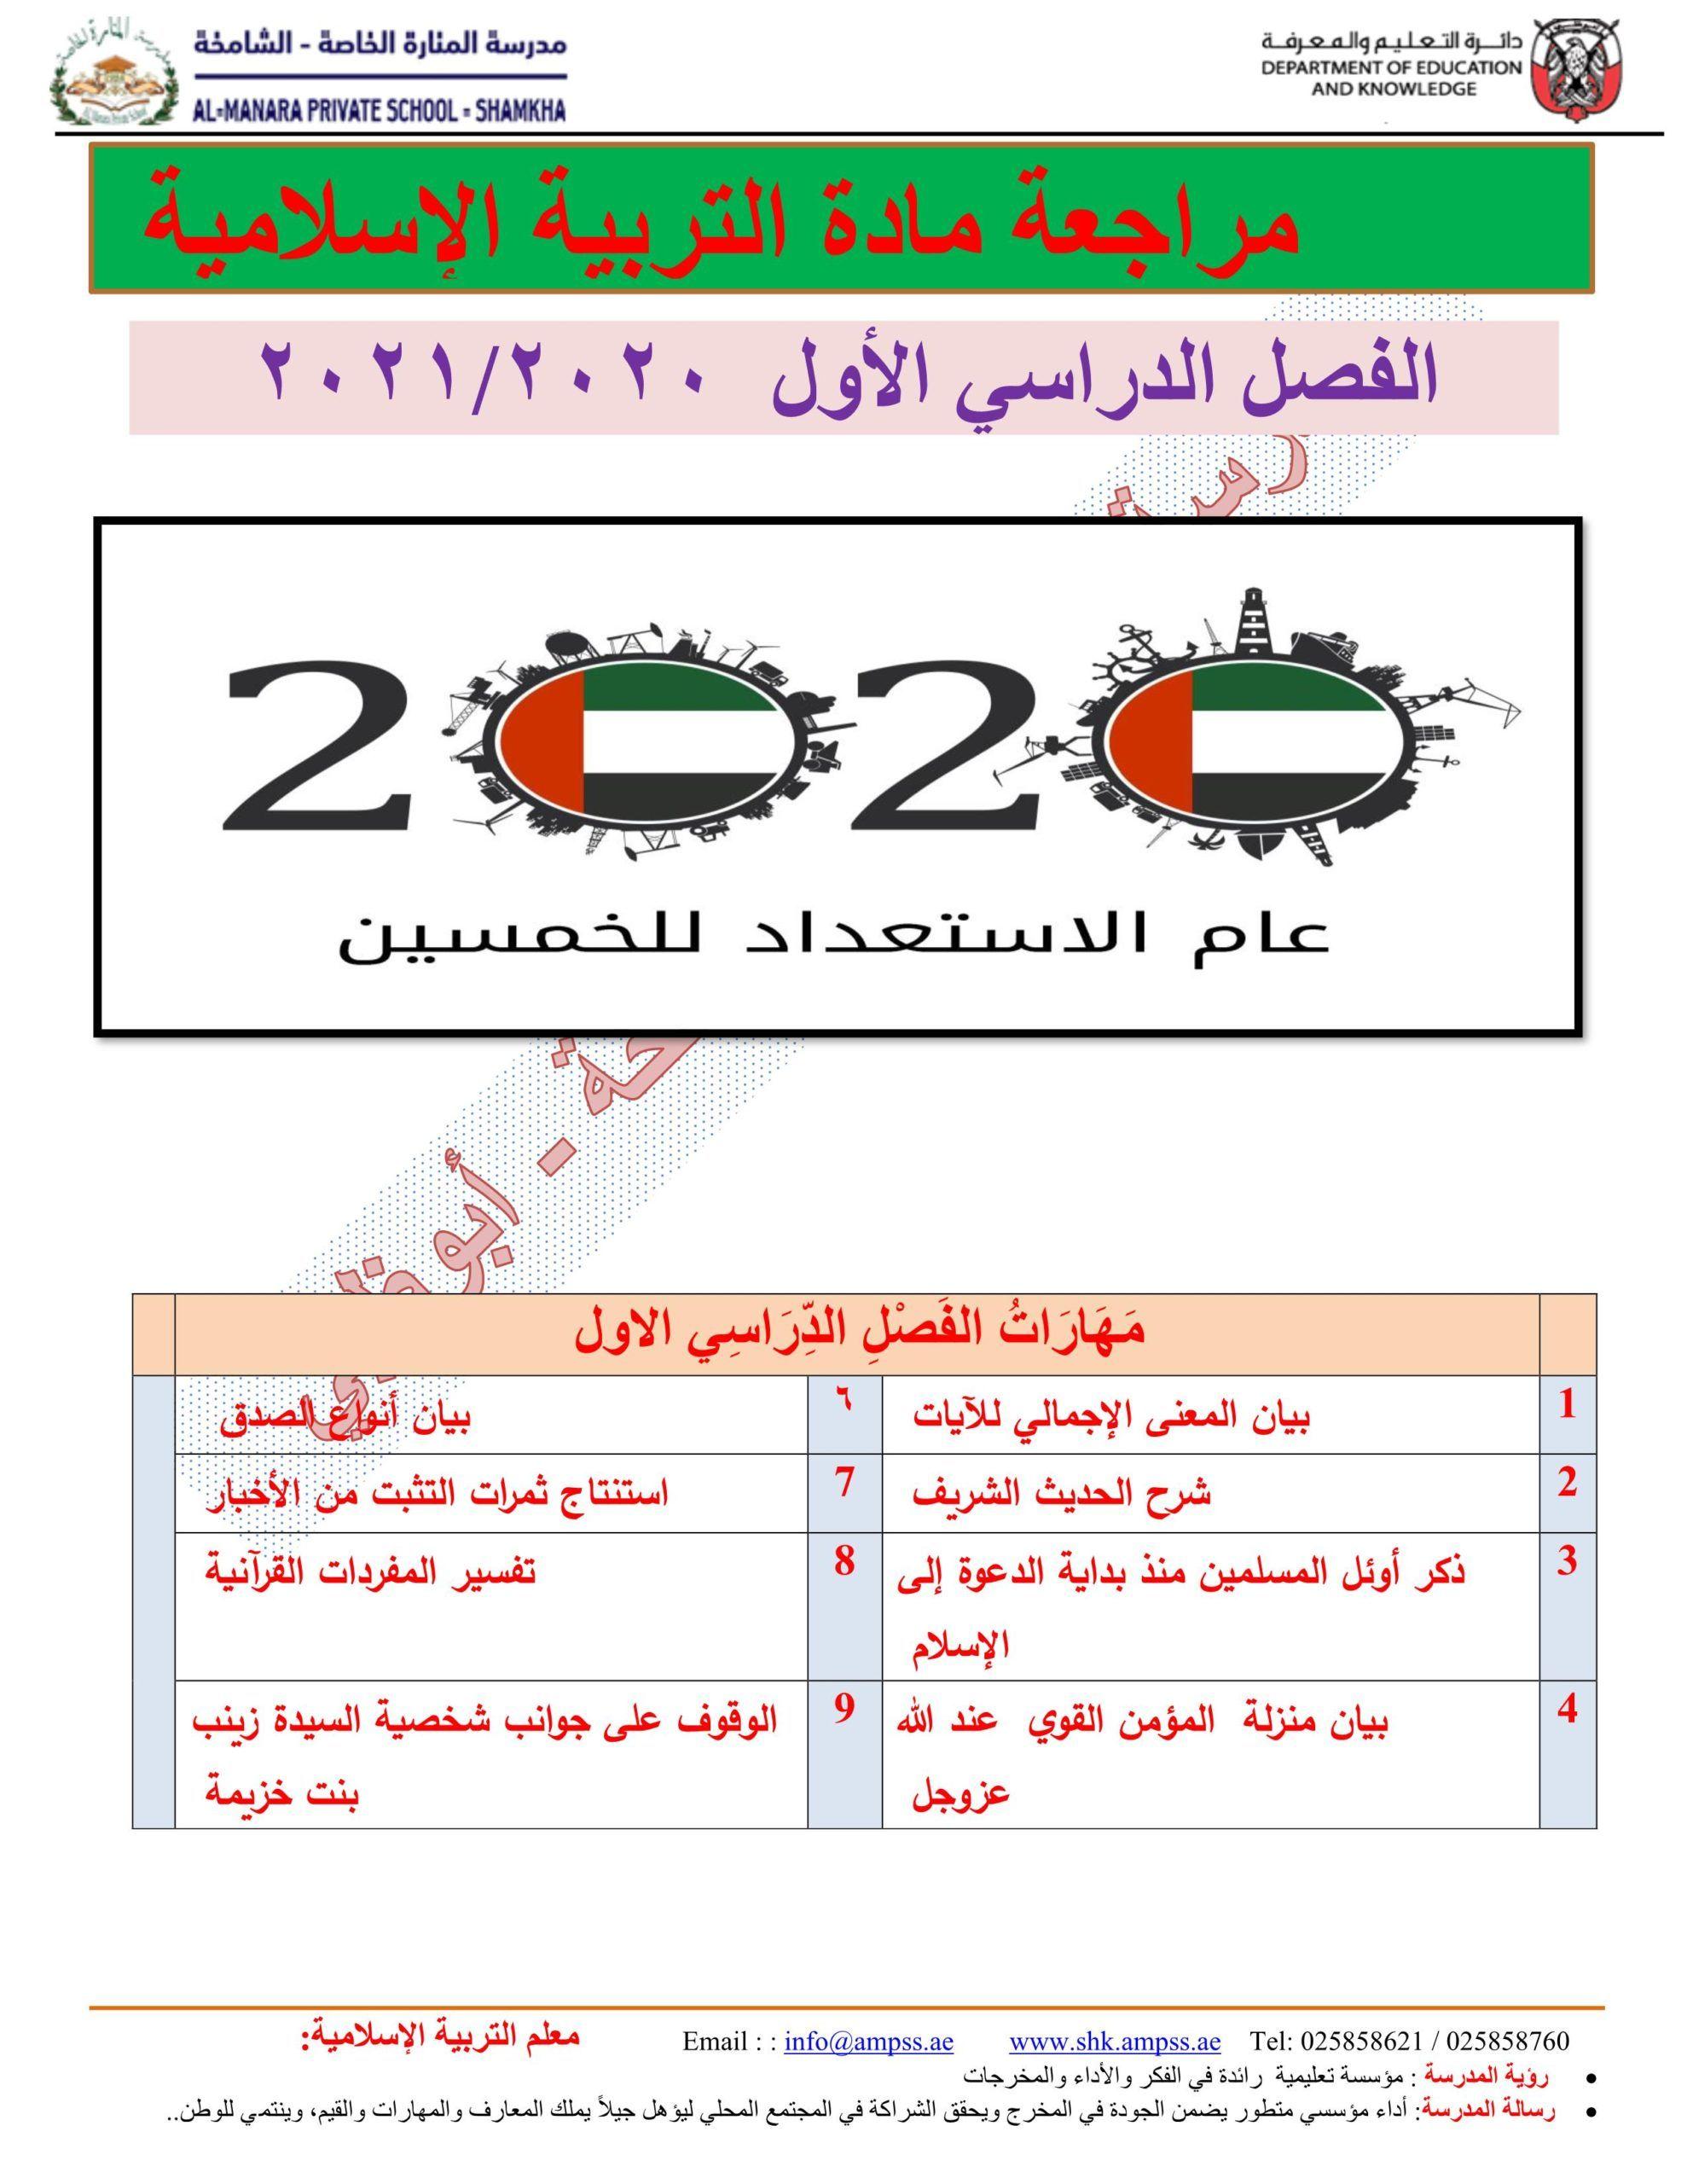 اوراق عمل مراجعة عامة الصف الرابع مادة التربية الاسلامية Private School School Education